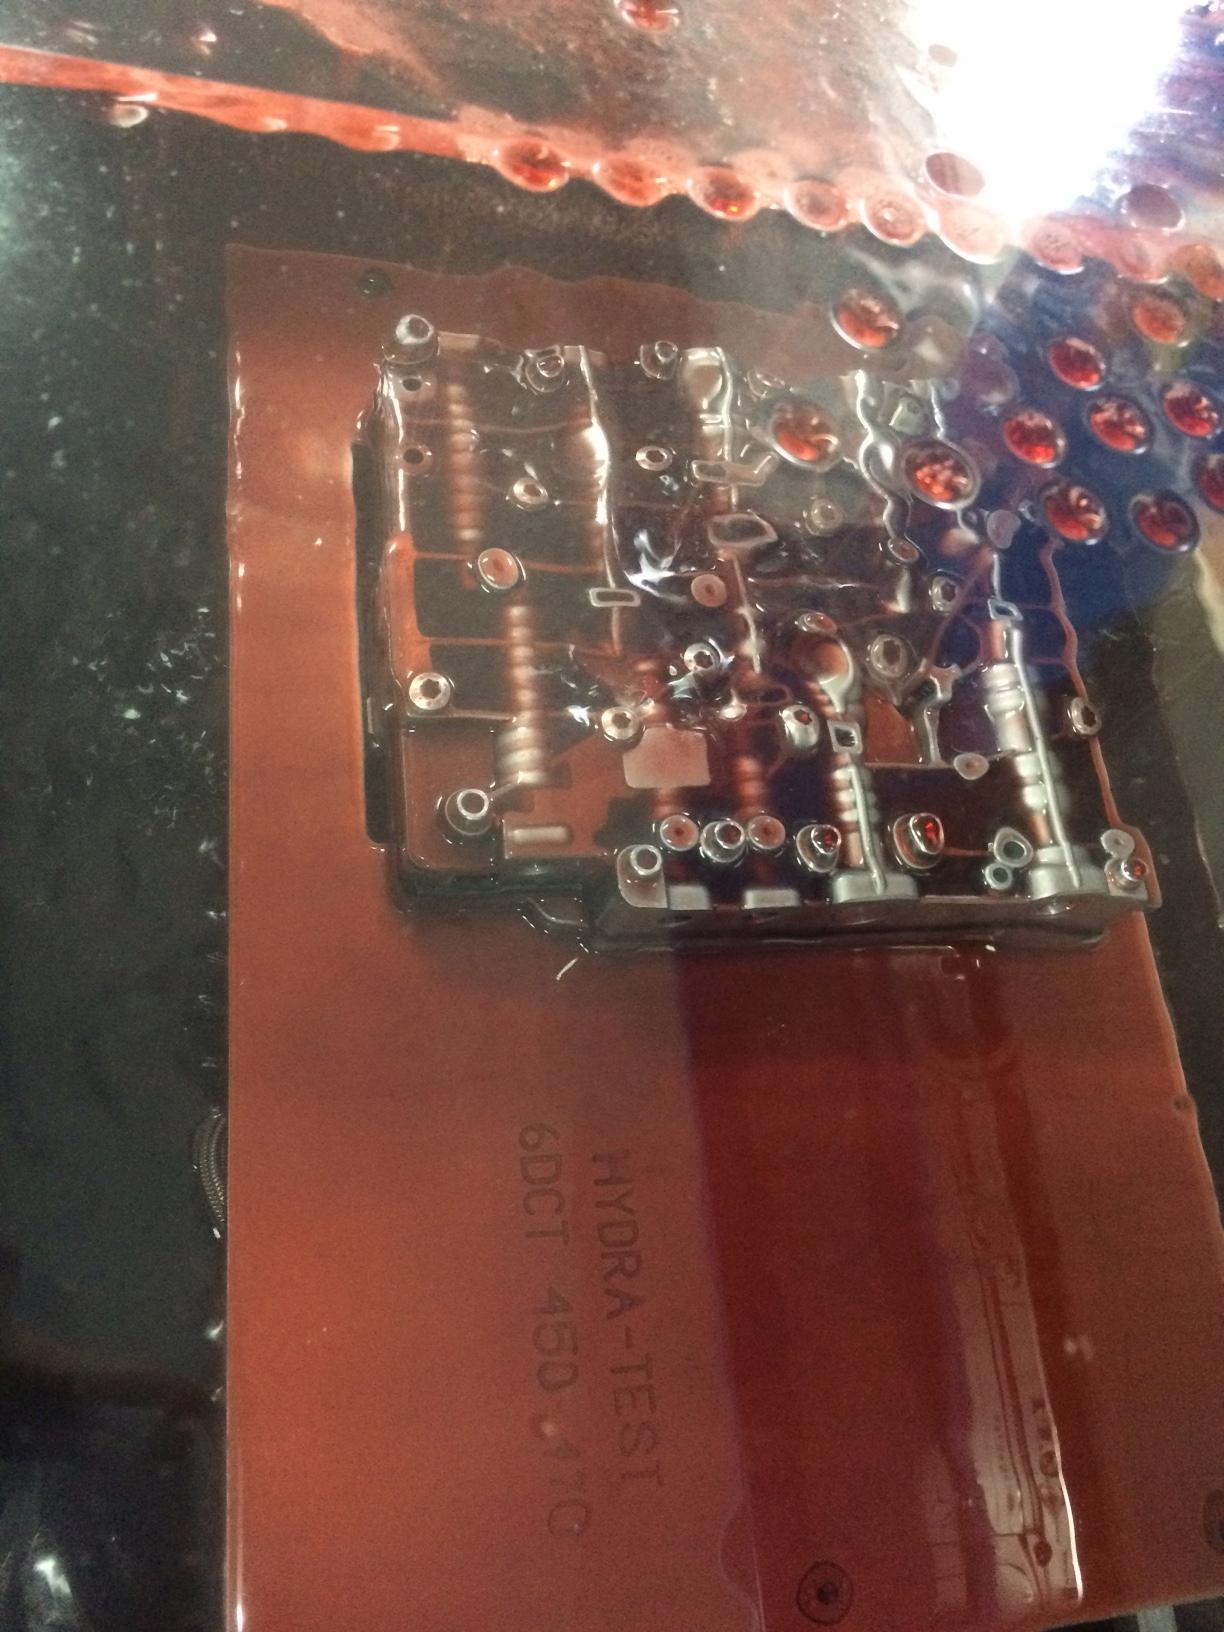 драйвер dps6 6dct450 с переключением под нагрузкой ford volvo джип